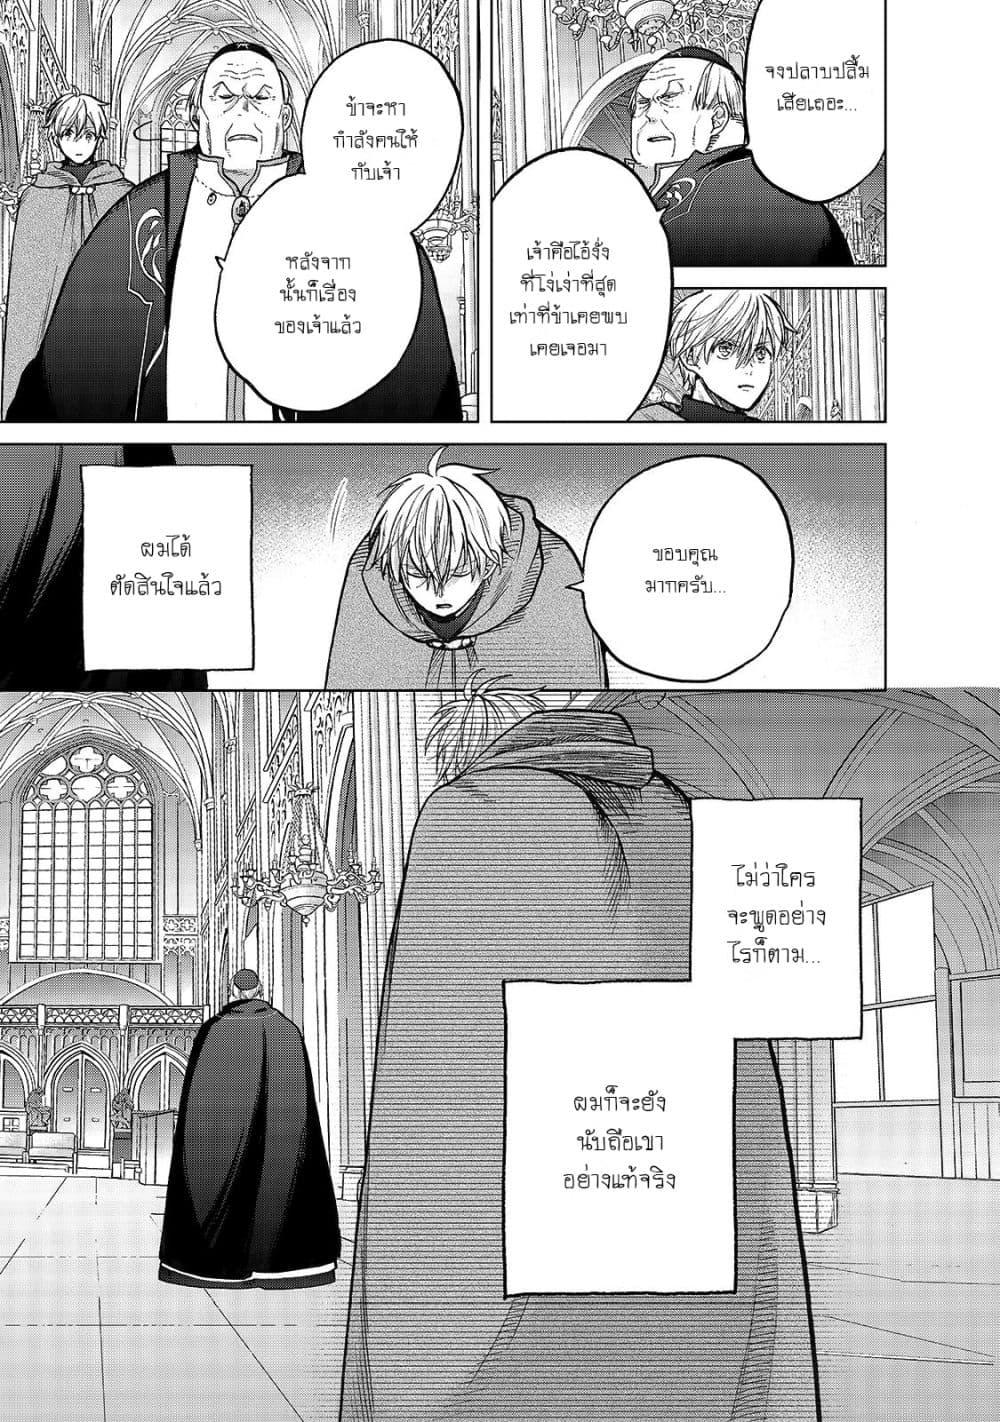 อ่านการ์ตูน Saihate no Paladin ตอนที่ 22 หน้าที่ 21